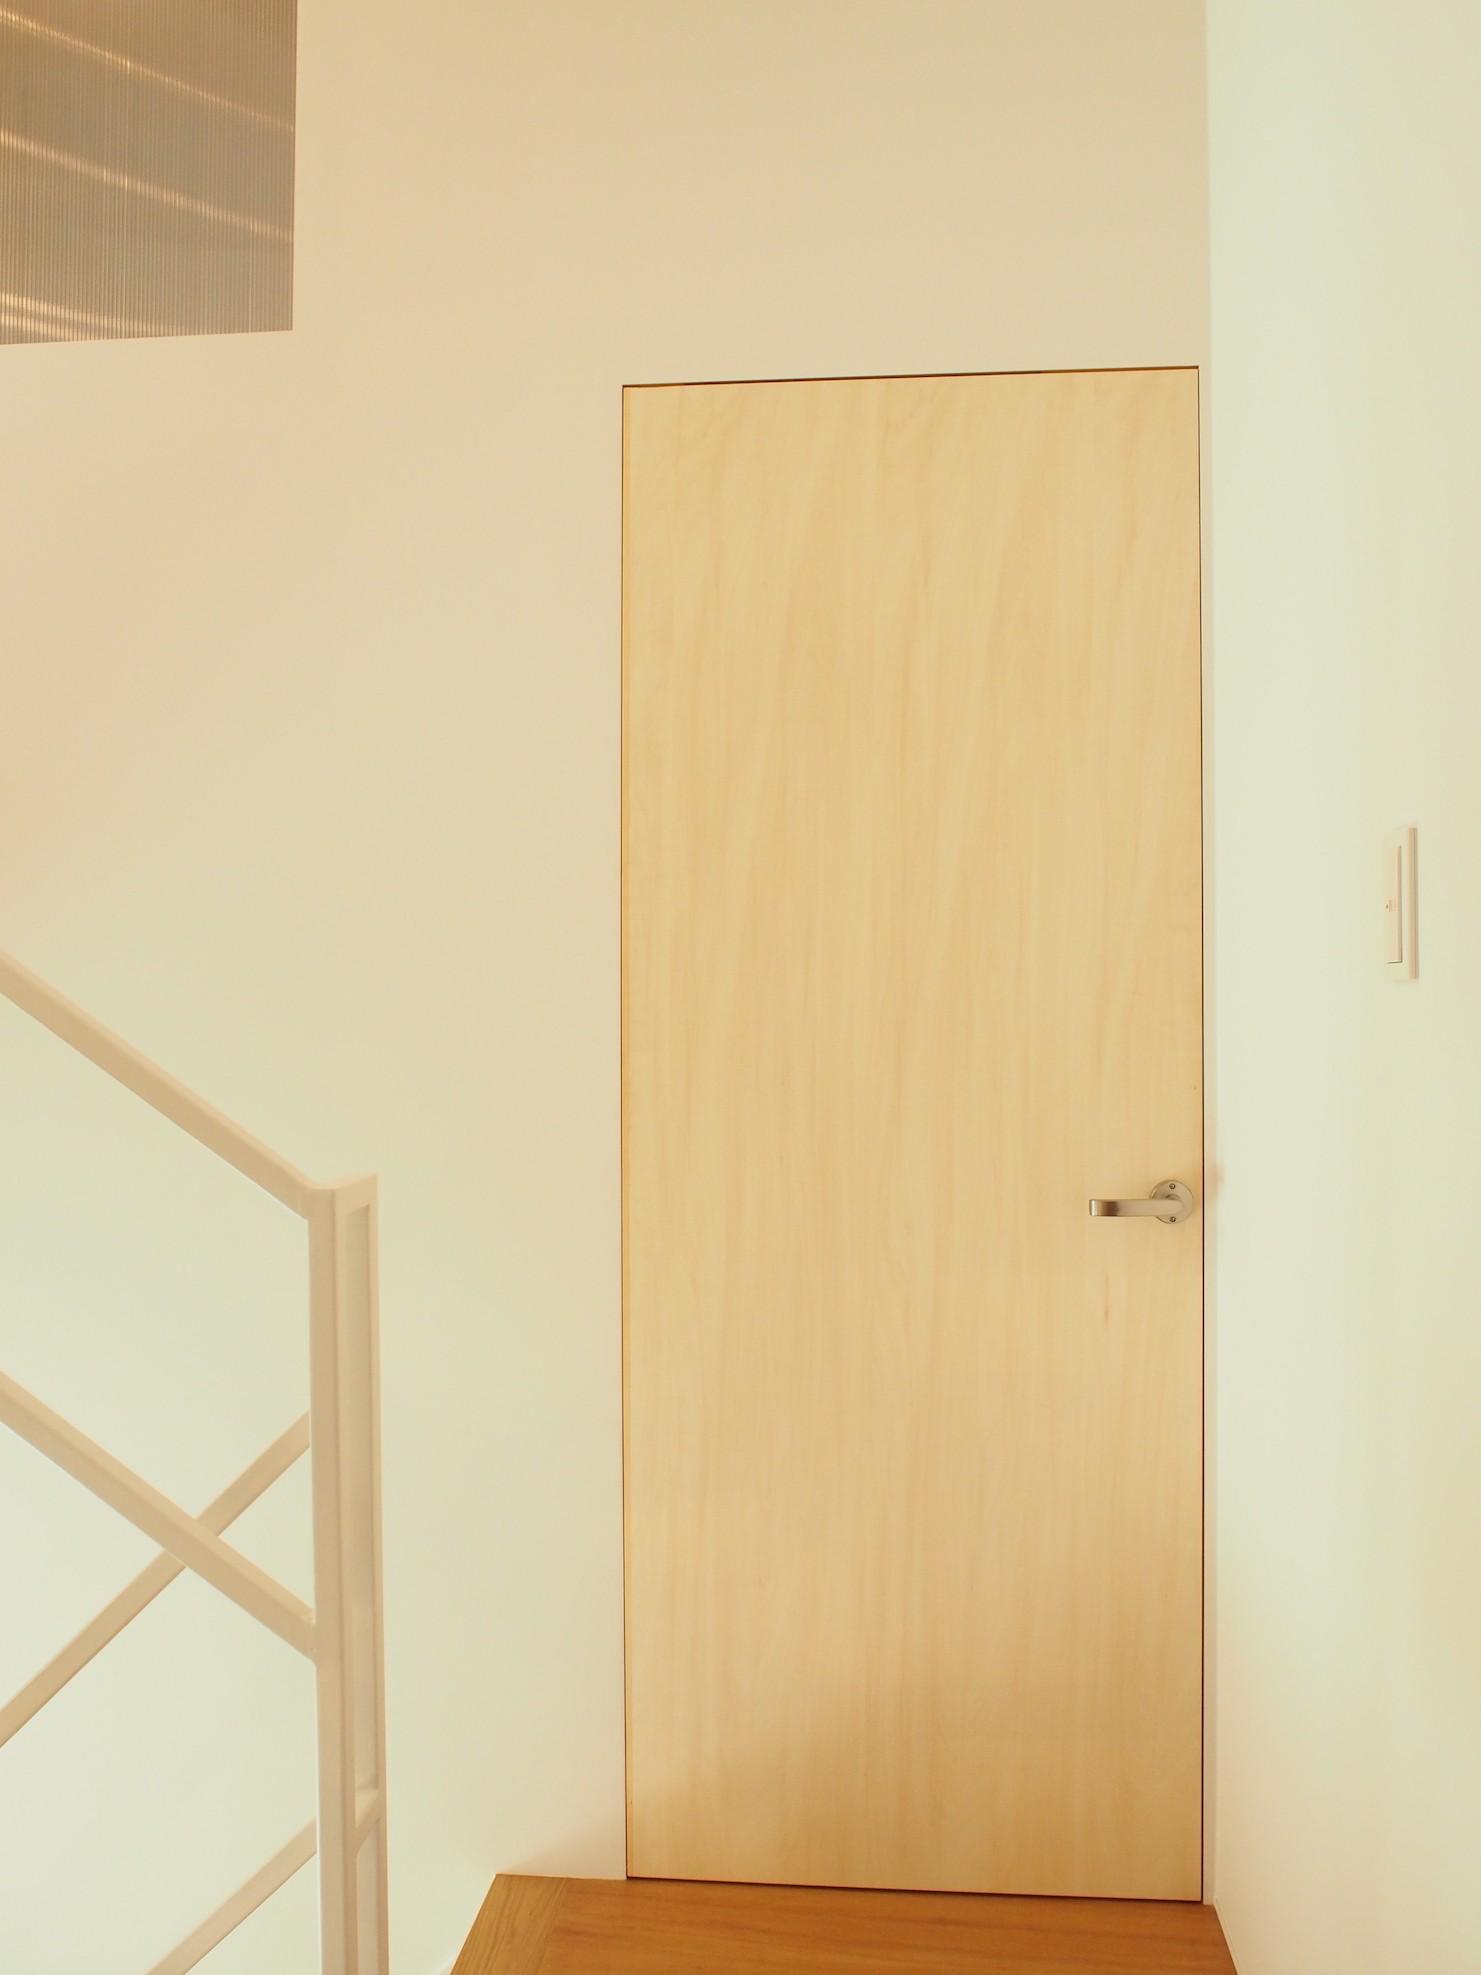 その他事例:階段踊り場(大屋根の家)